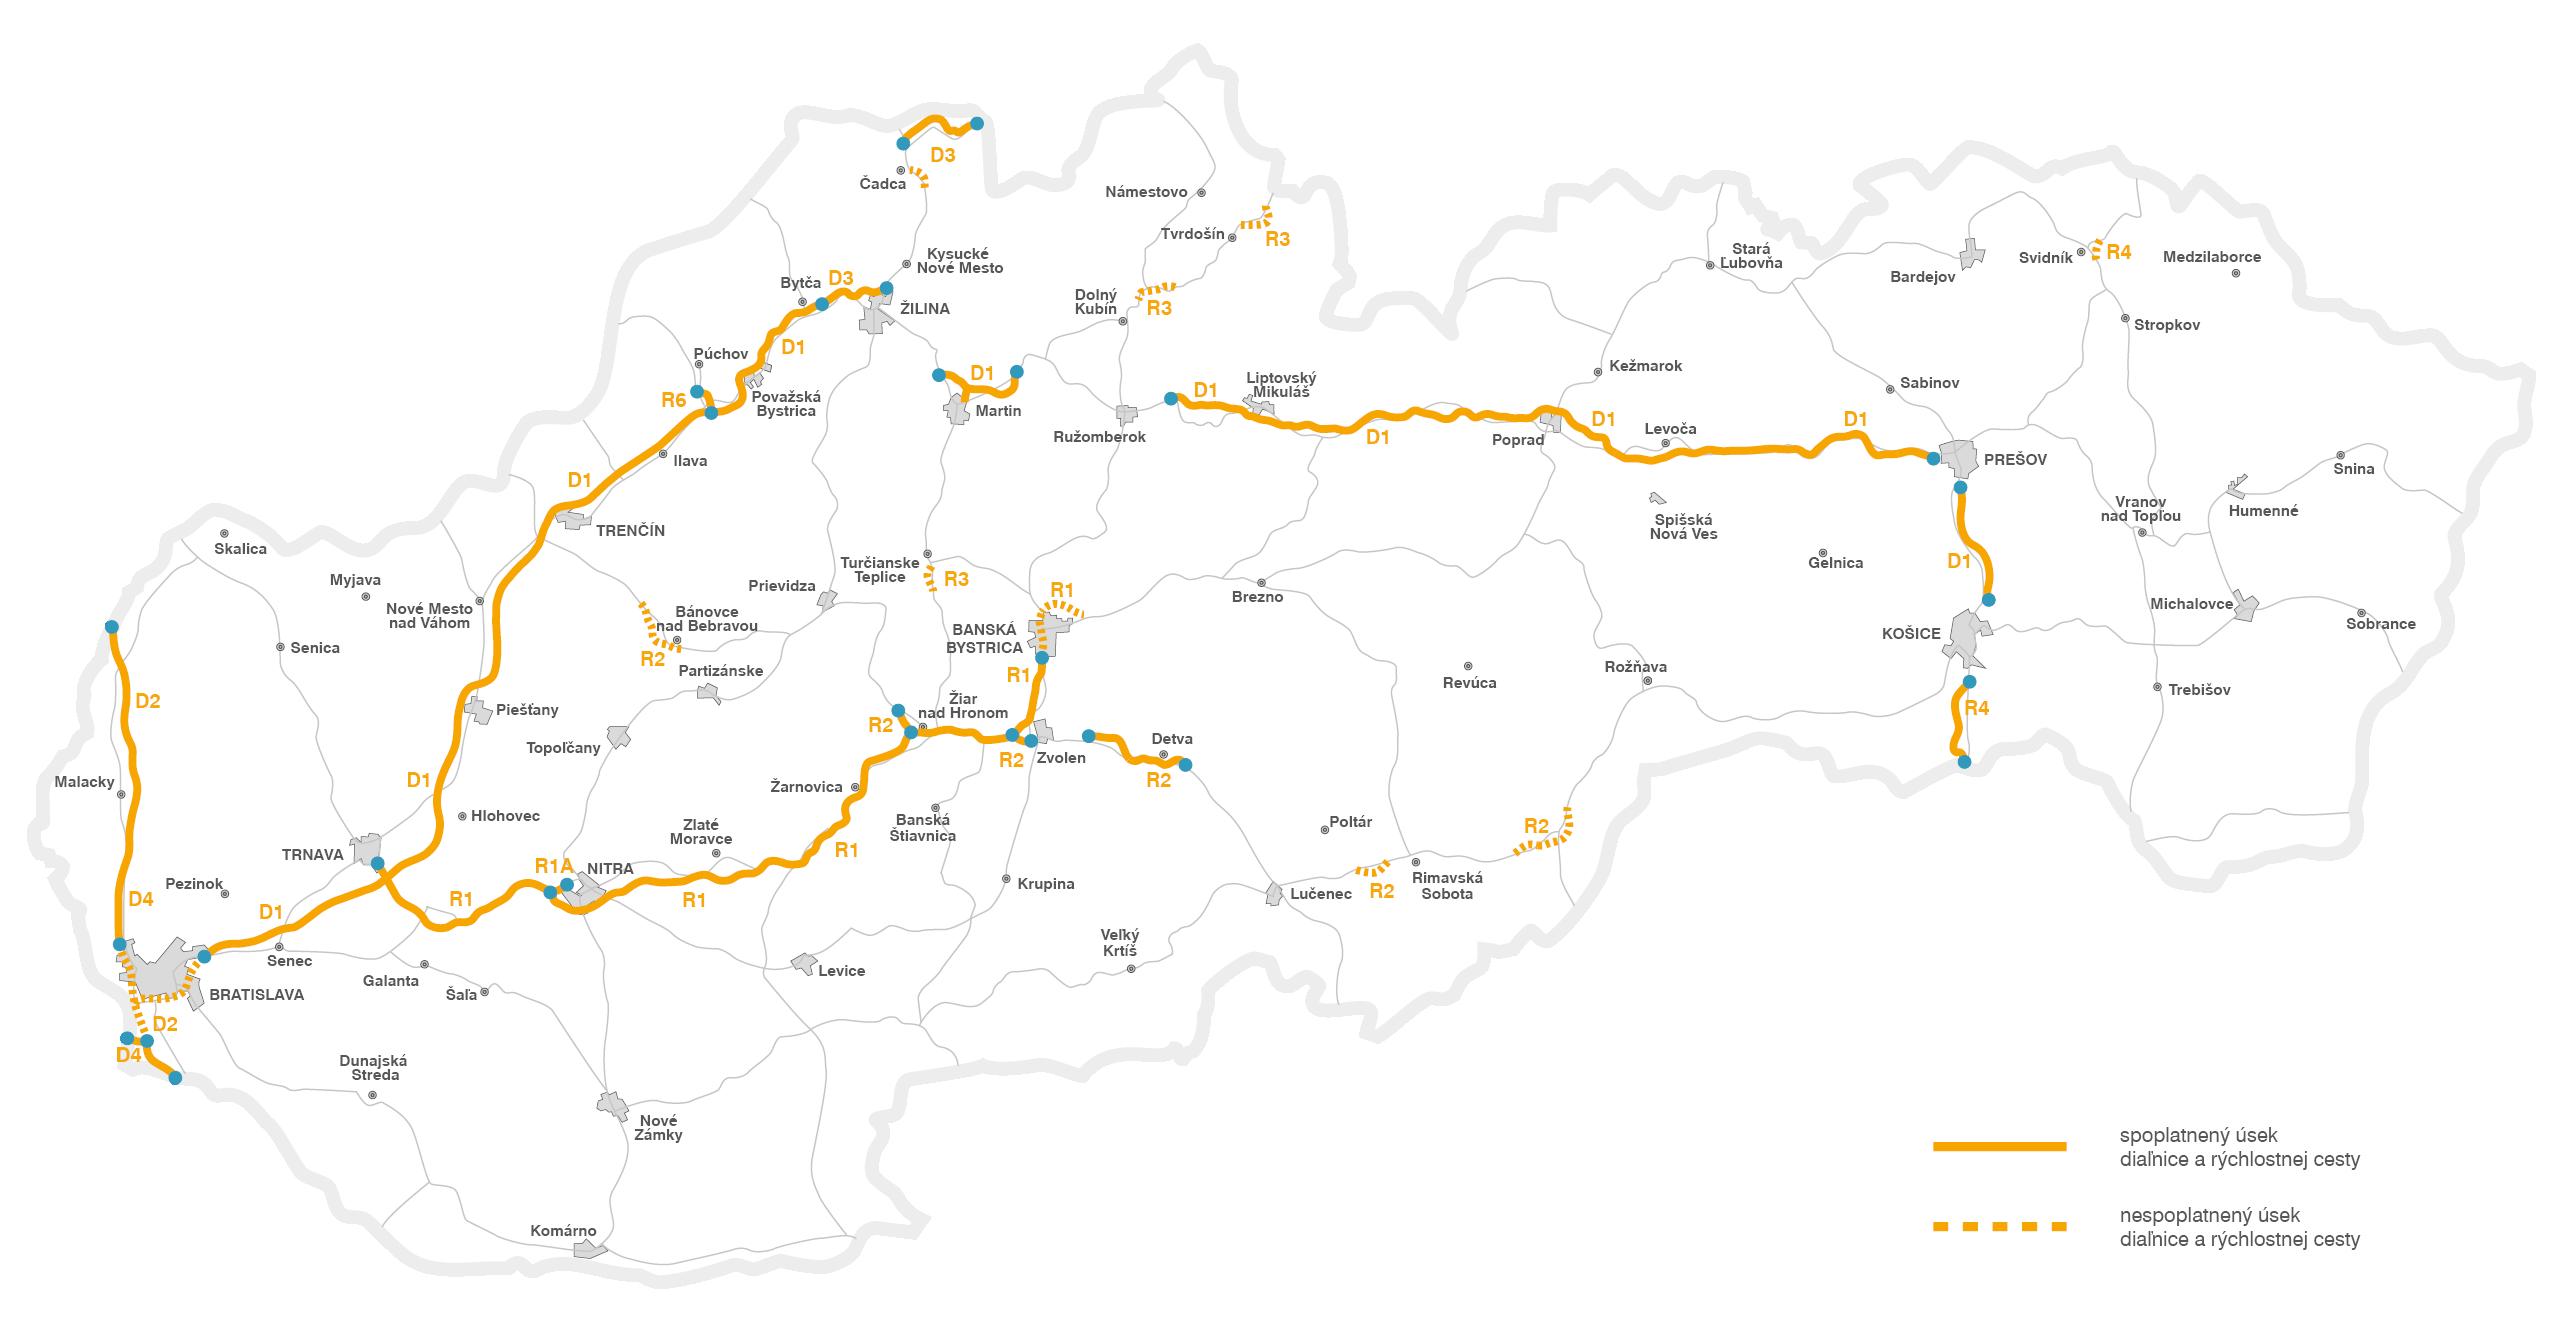 Dálniční známky na Slovensku 2018 - zpoplatněné úseky